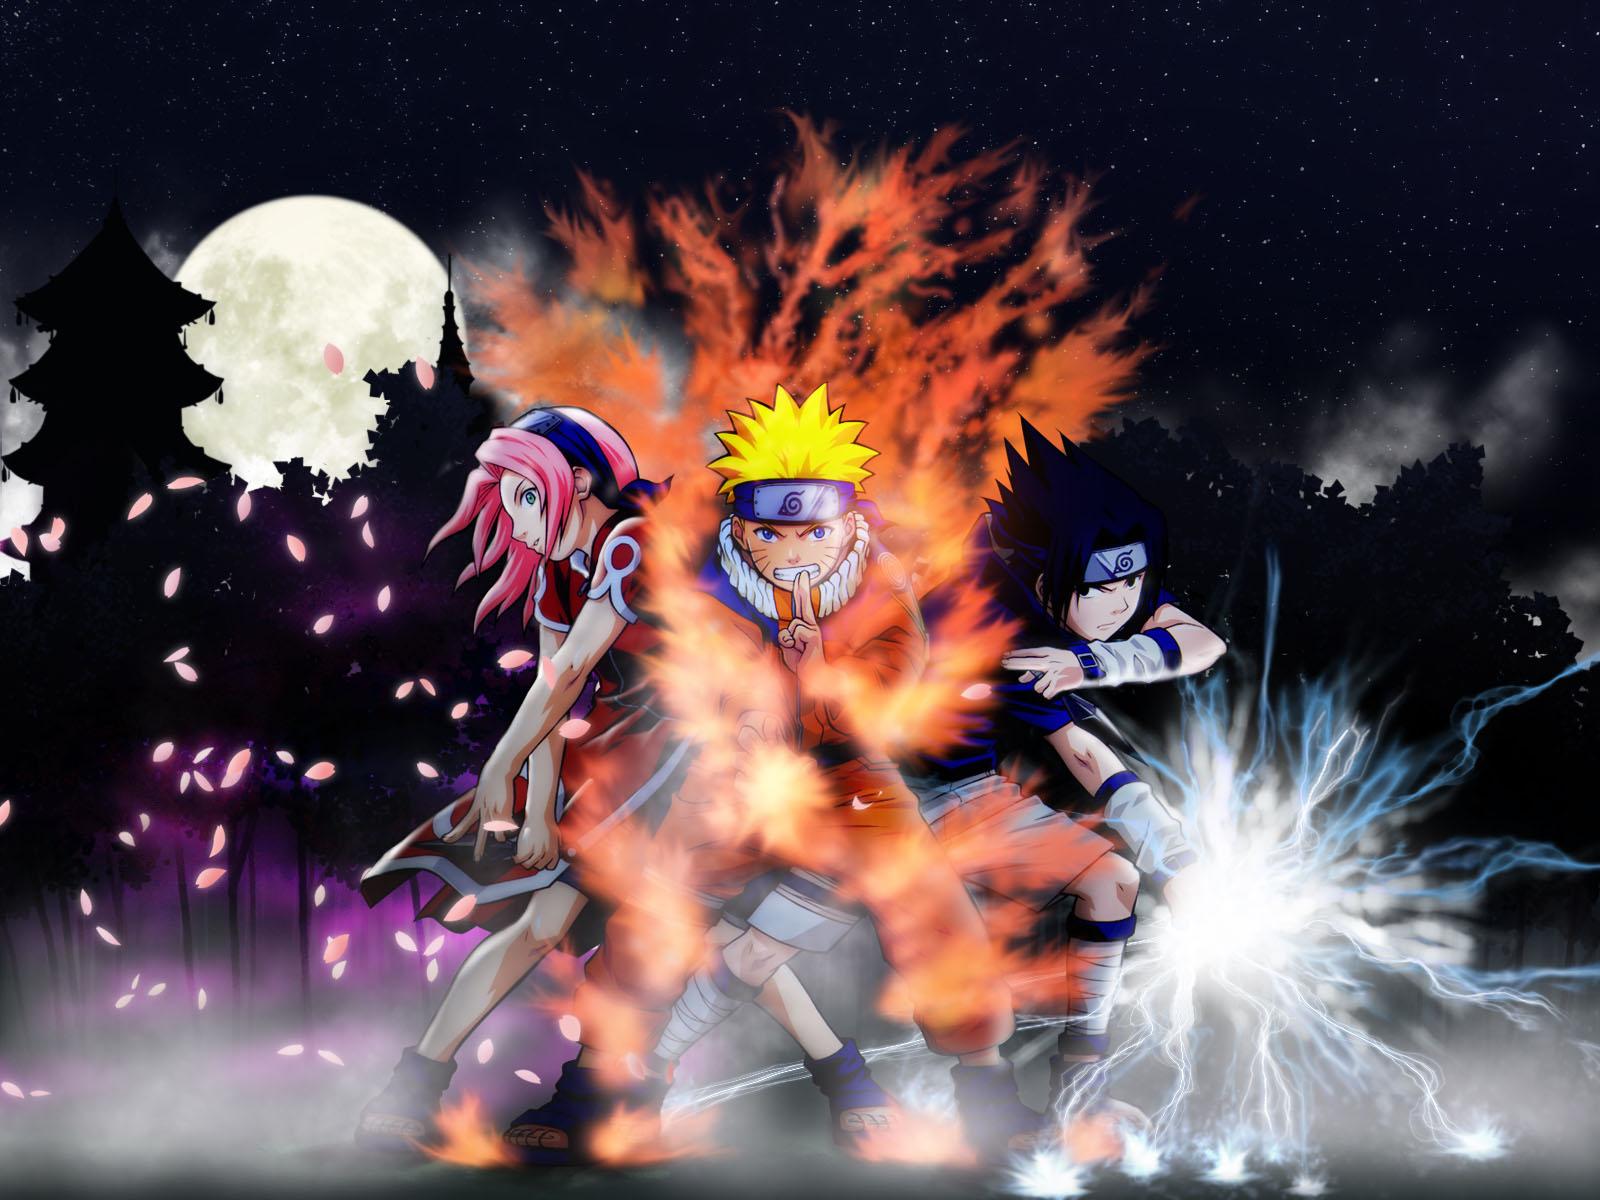 Anime Sakura Haruno Naruto Shippuden 1600x1200